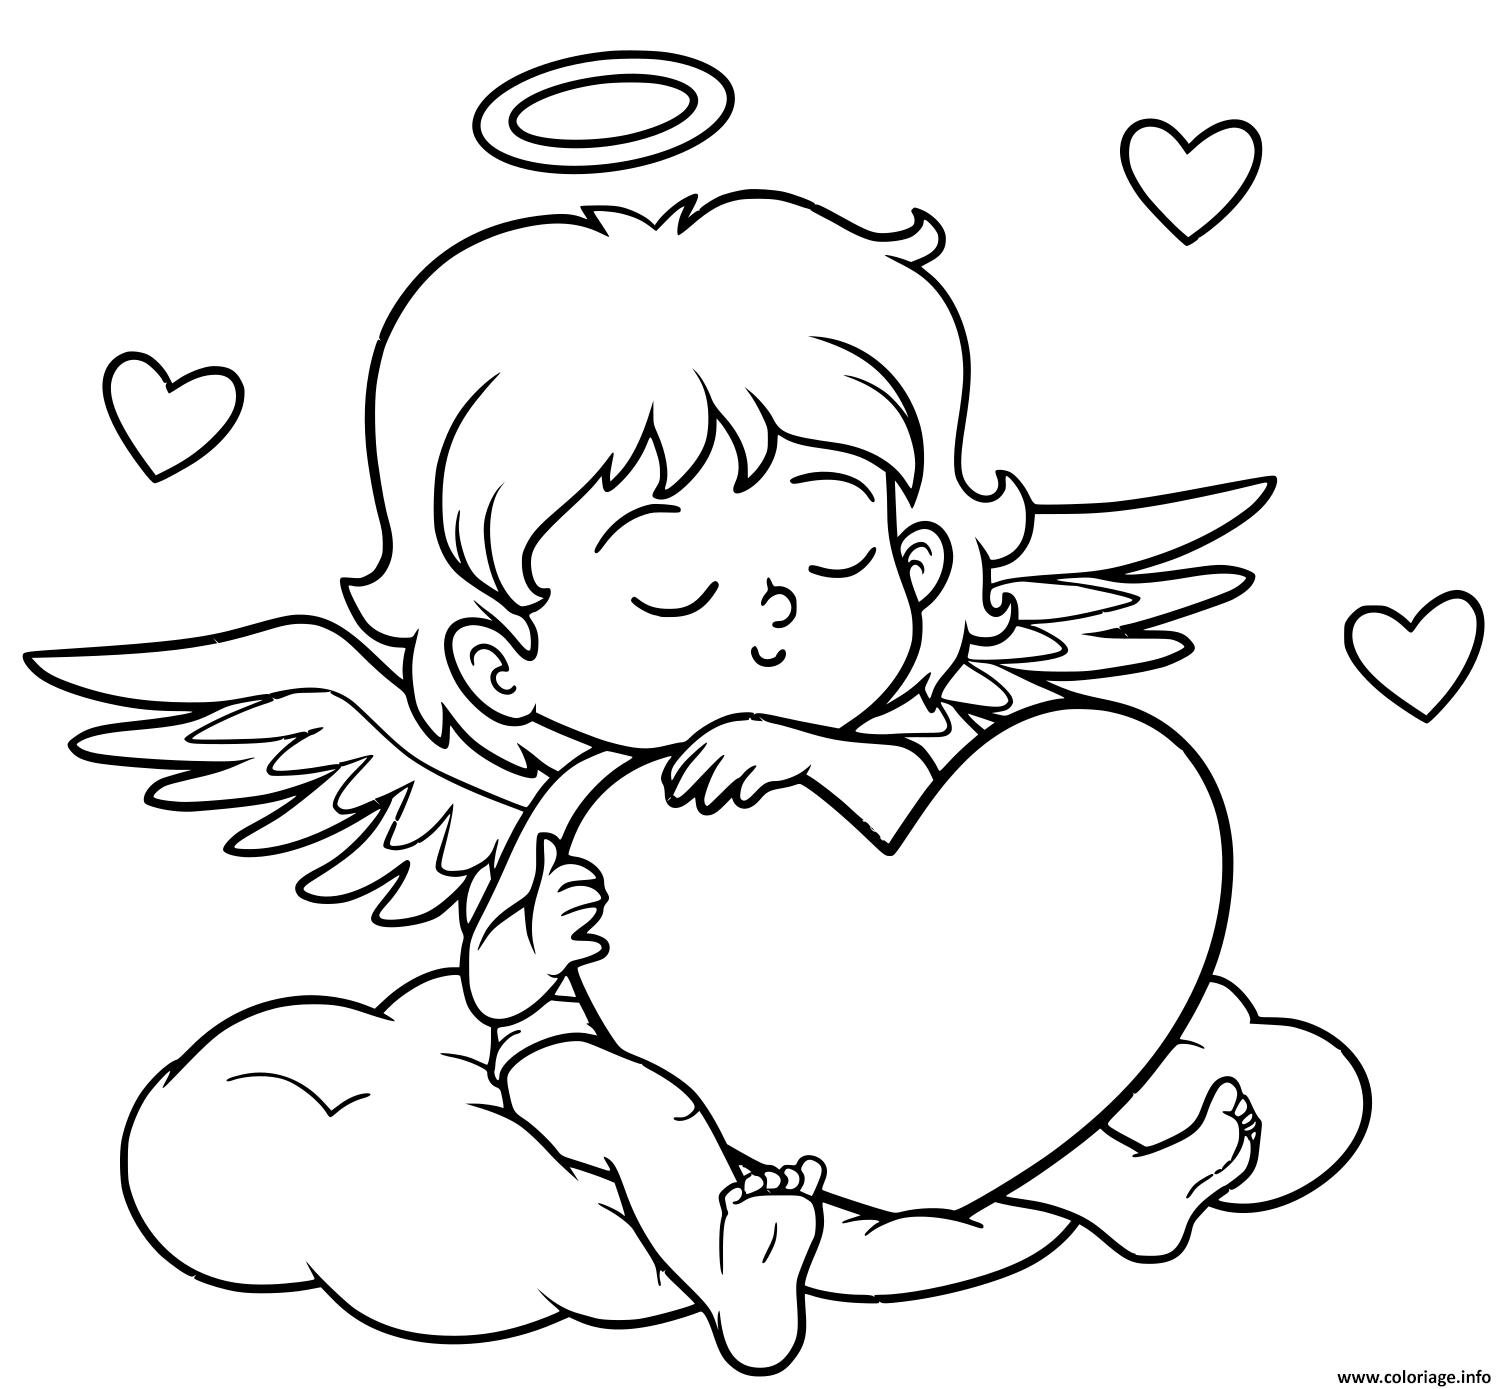 Dessin un ange se repose pour la journee de lamour Coloriage Gratuit à Imprimer